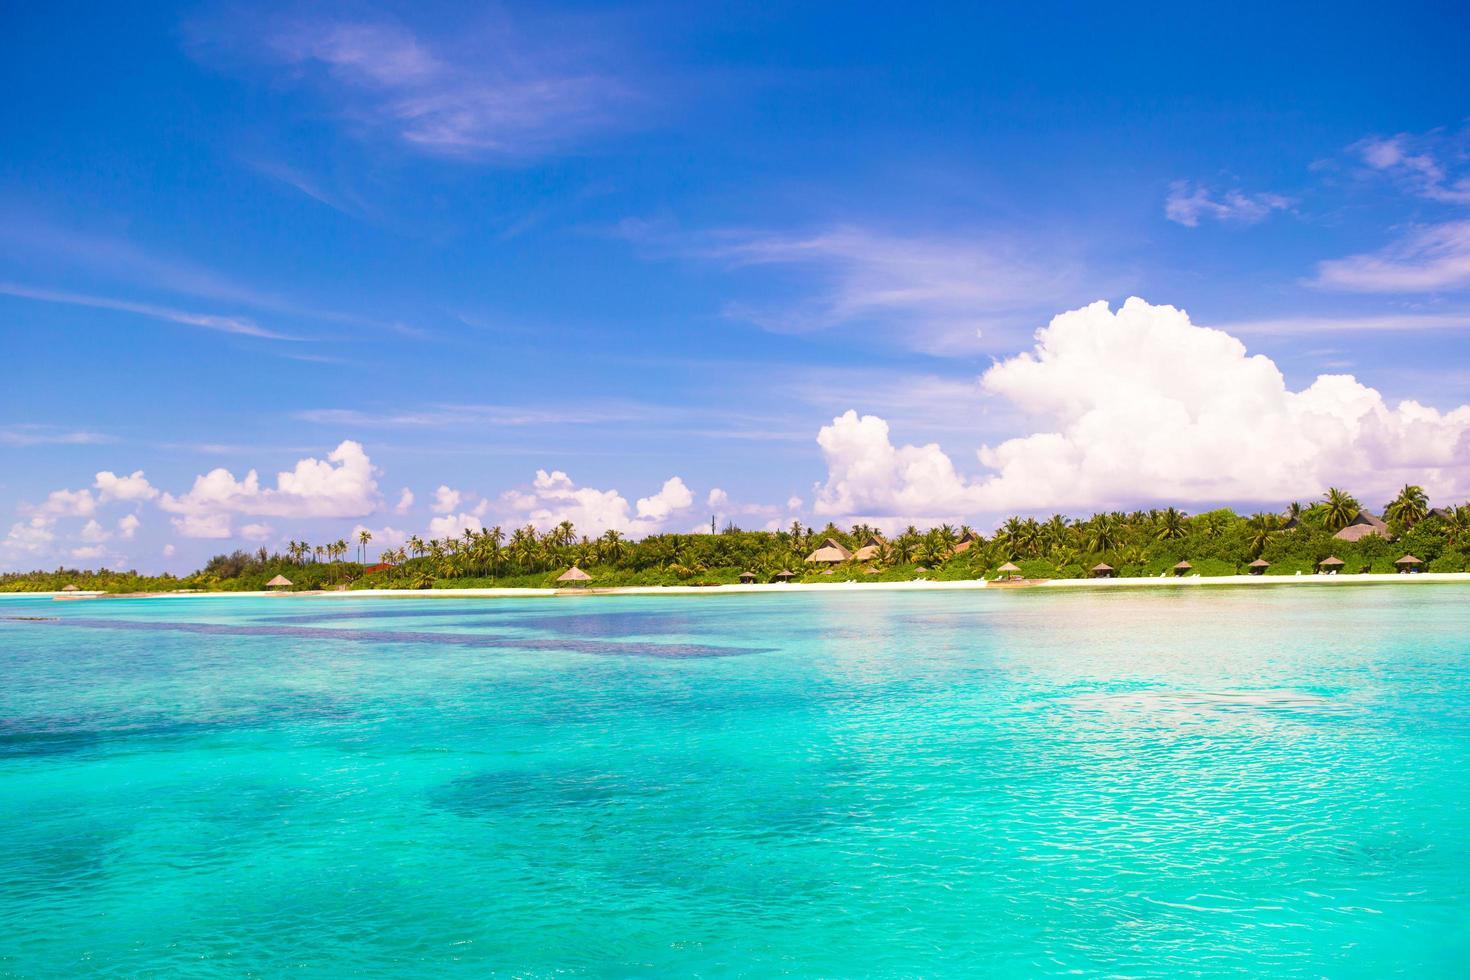 Malediven, Südasien, 2020 - tagsüber idyllischer tropischer Strand foto